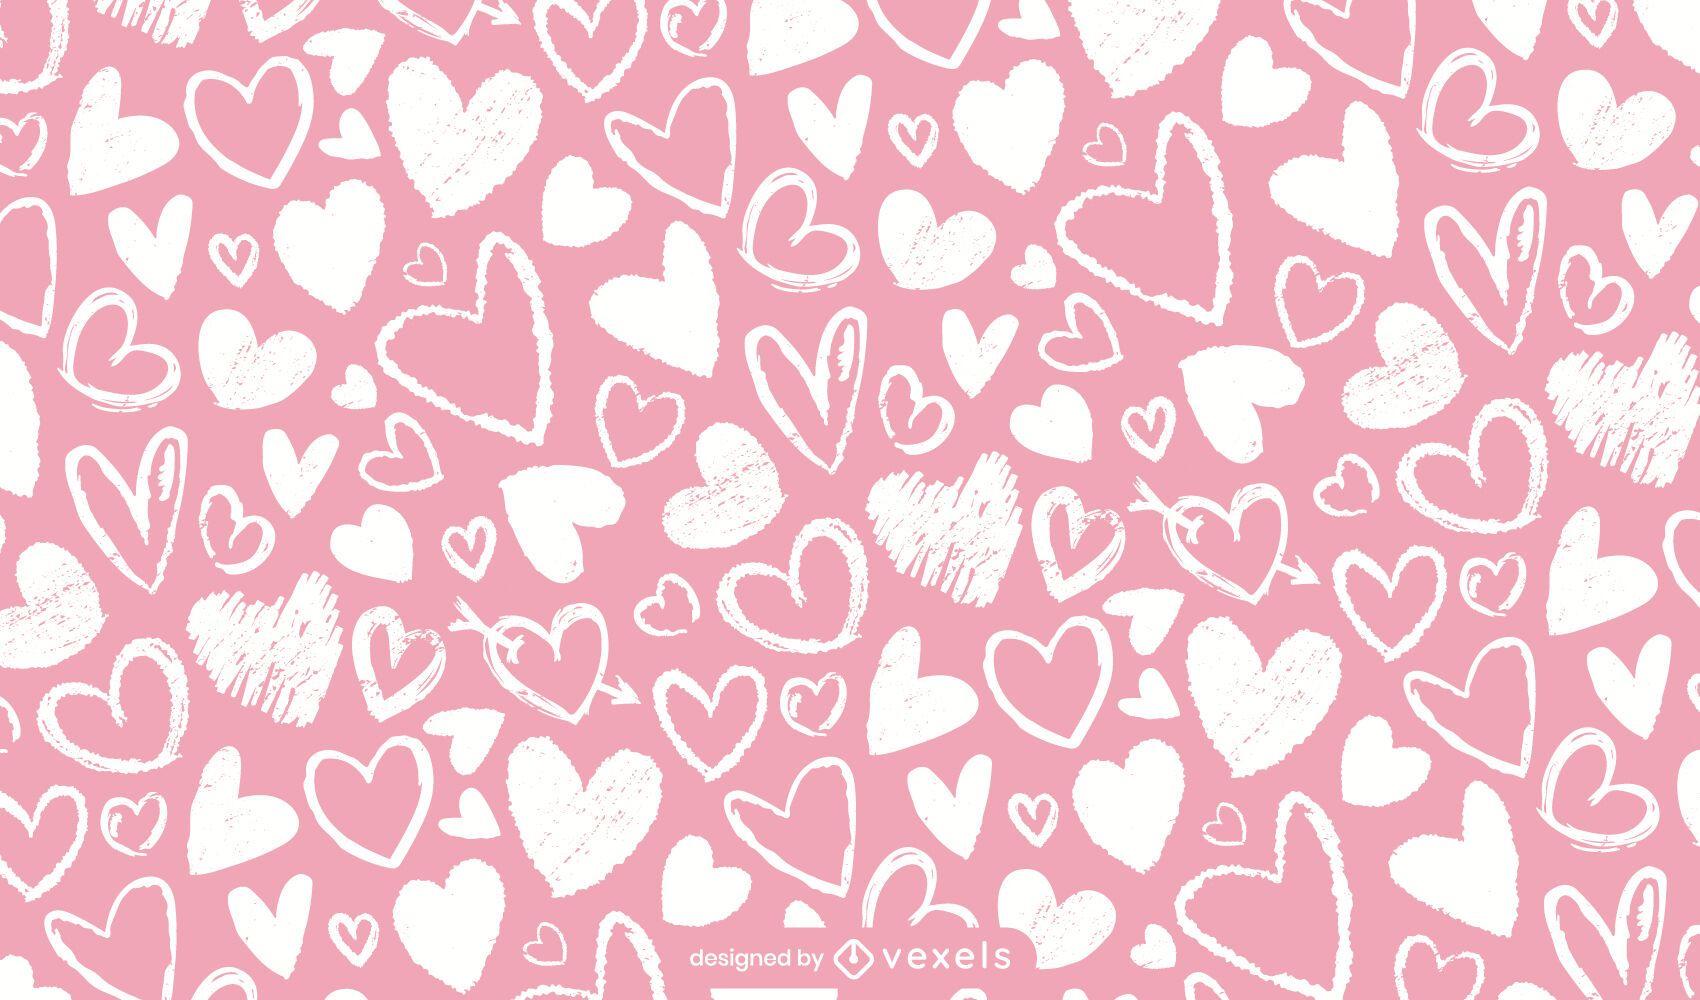 Chalk hearts pattern design